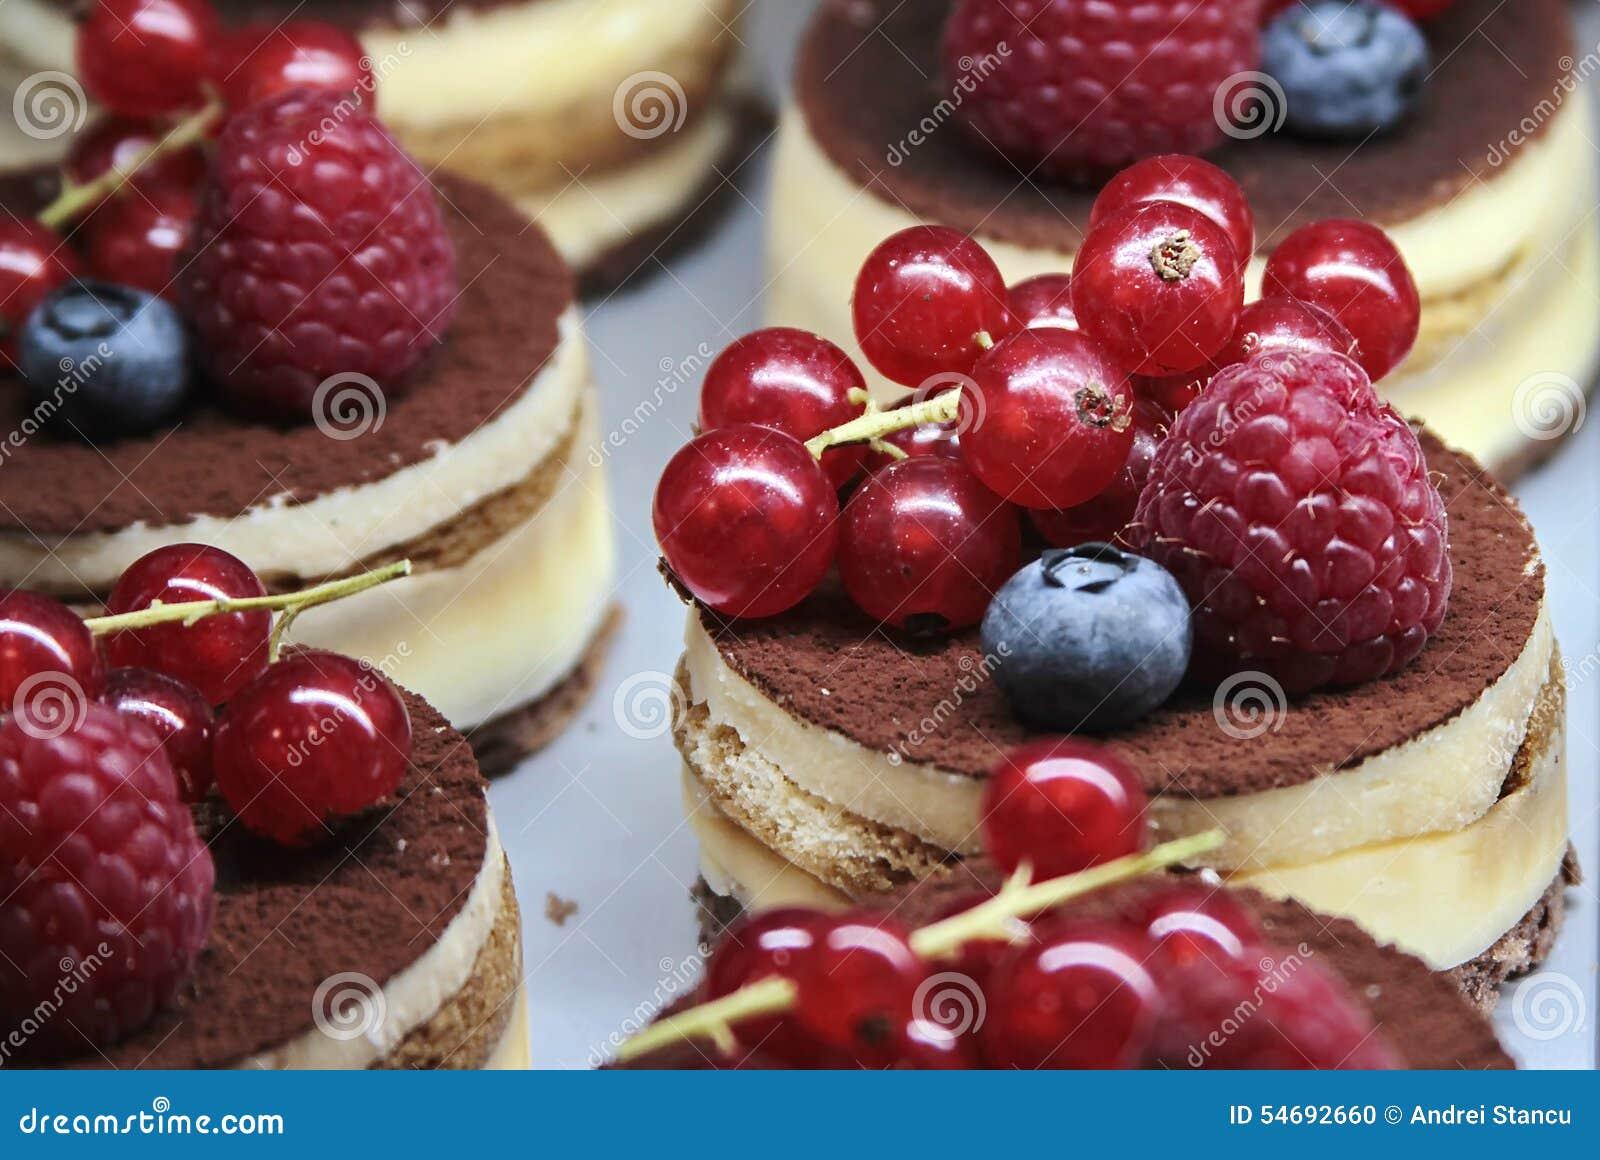 Gâteaux avec de la crème et des baies